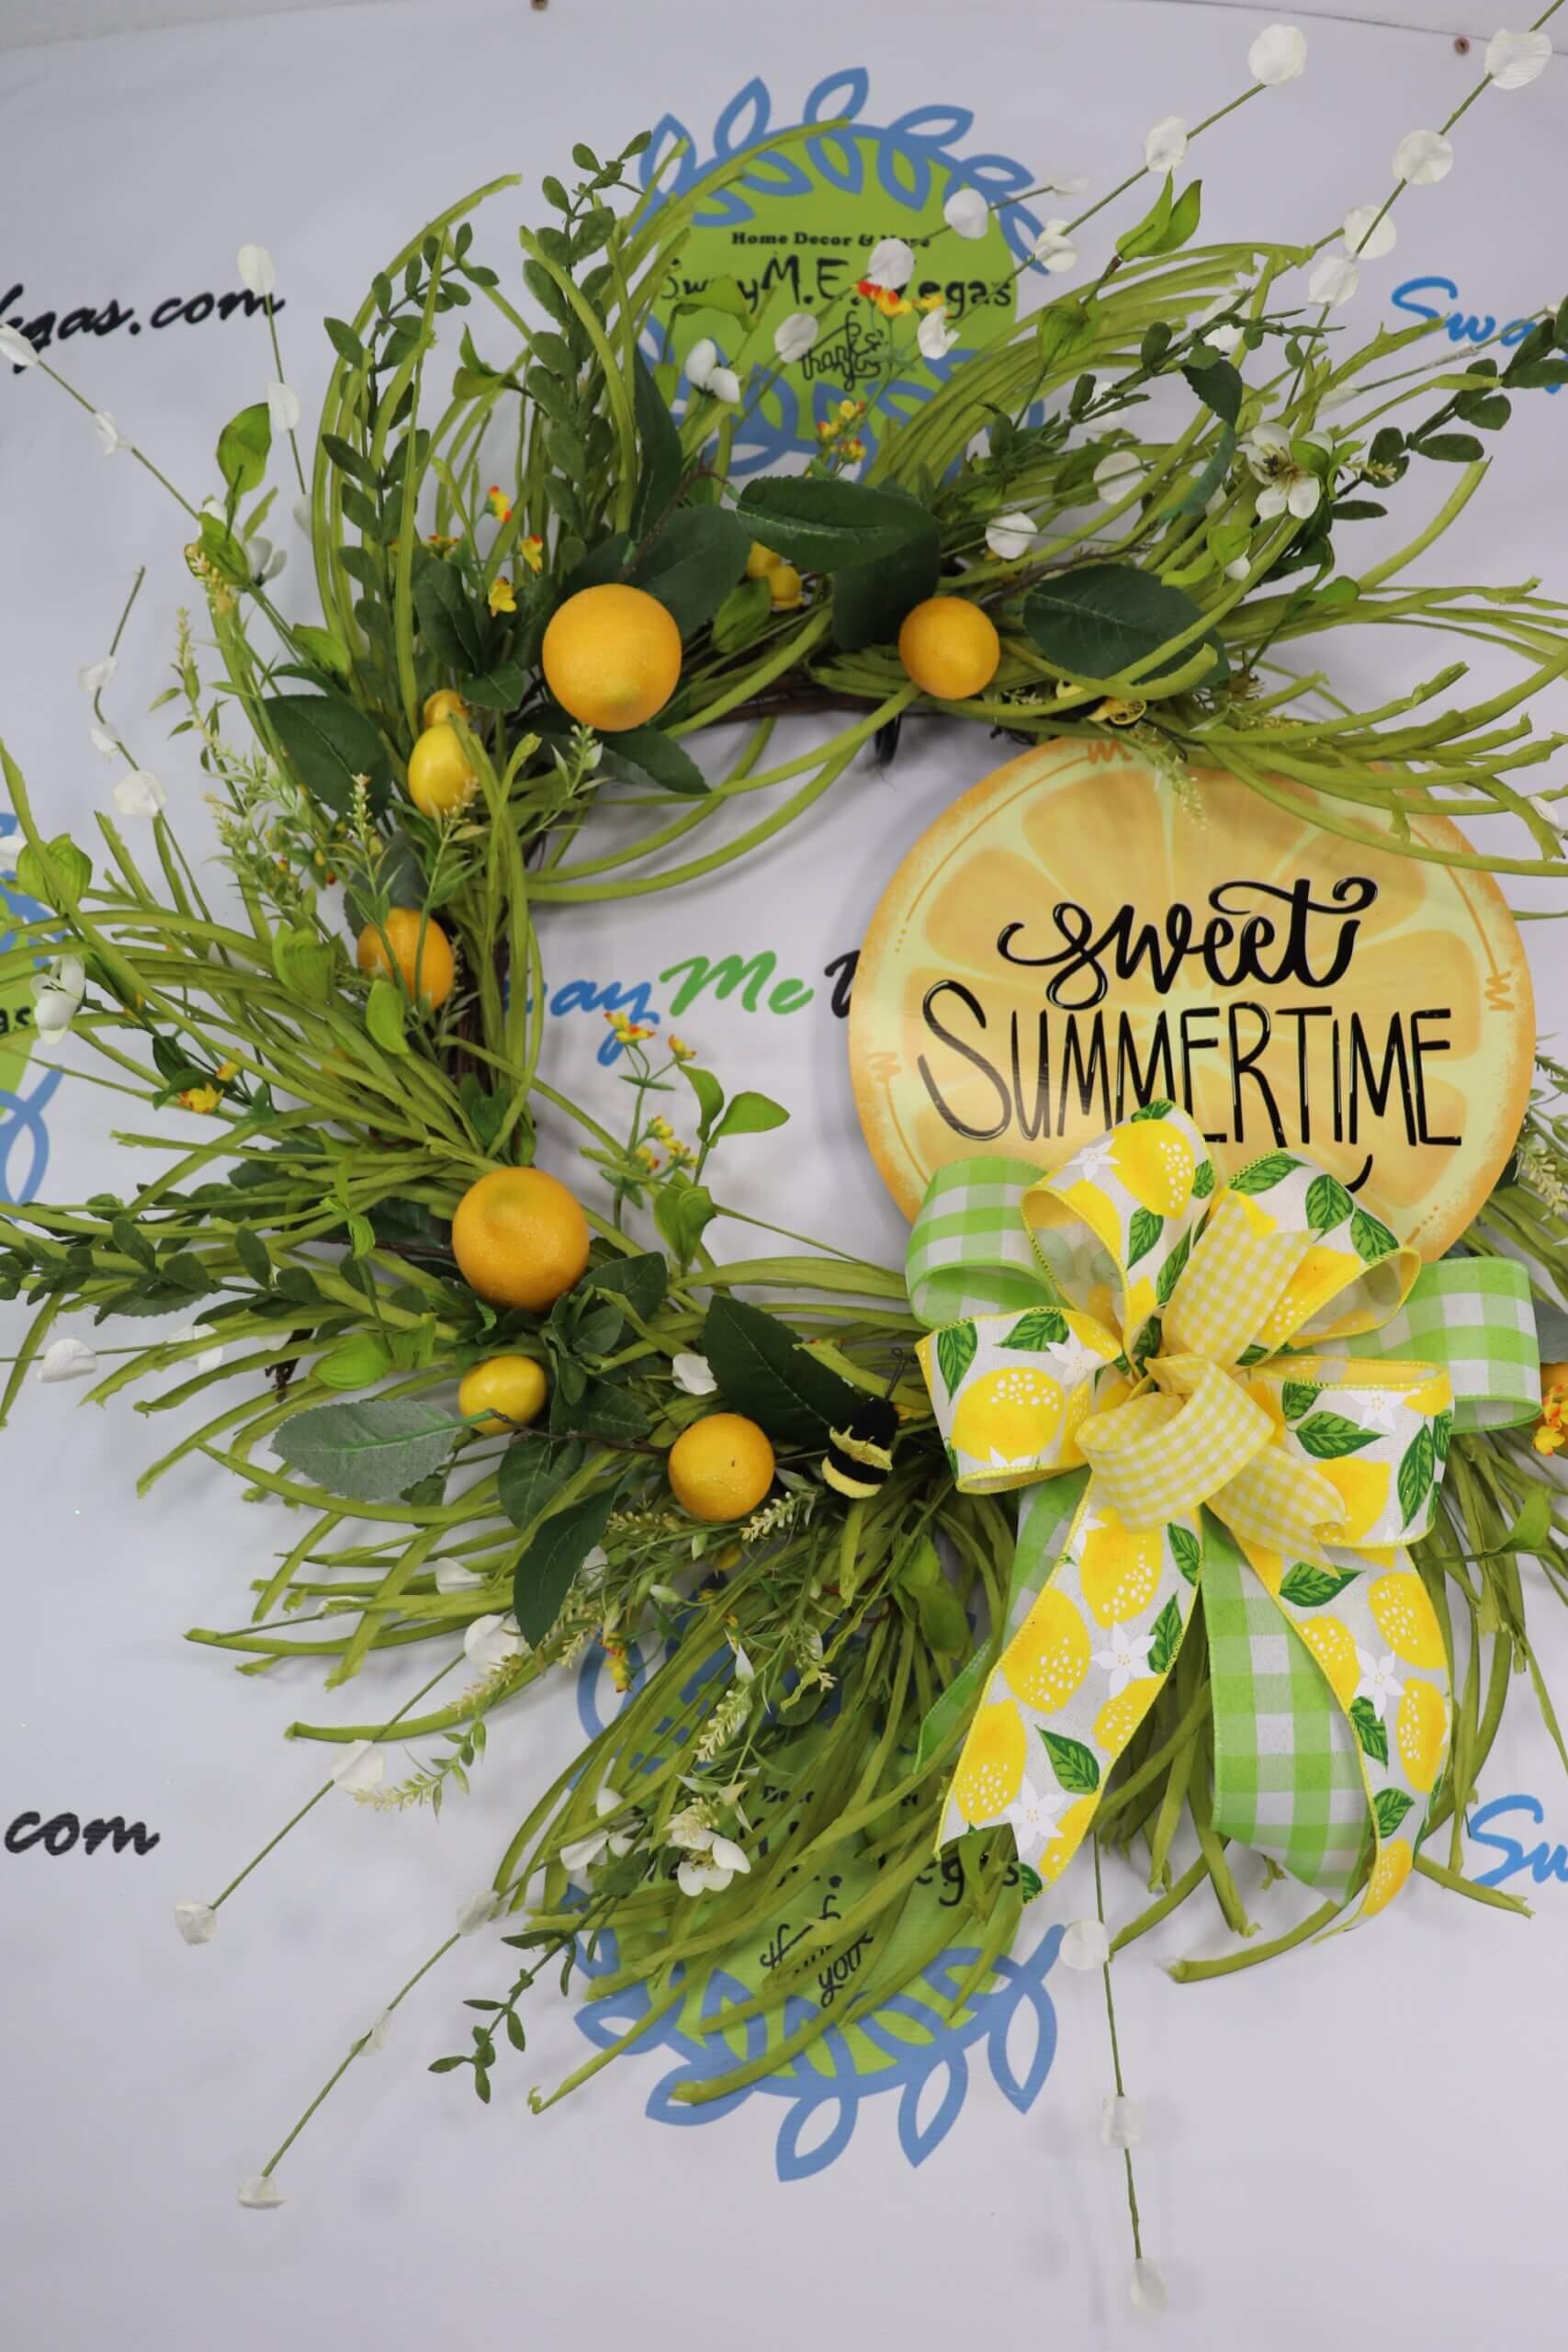 Sweet Summertime Lemon Wreath Grapevine 0 scaled